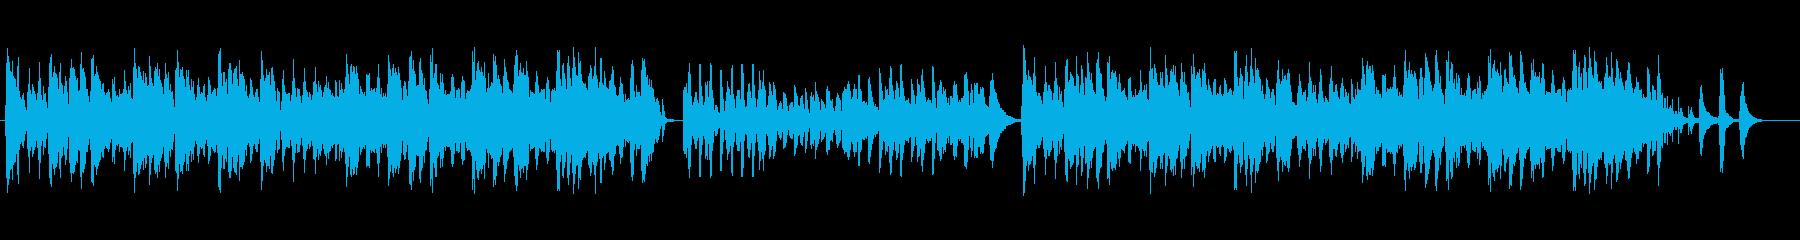 Cartoon 楽しげ ハイテク ...の再生済みの波形